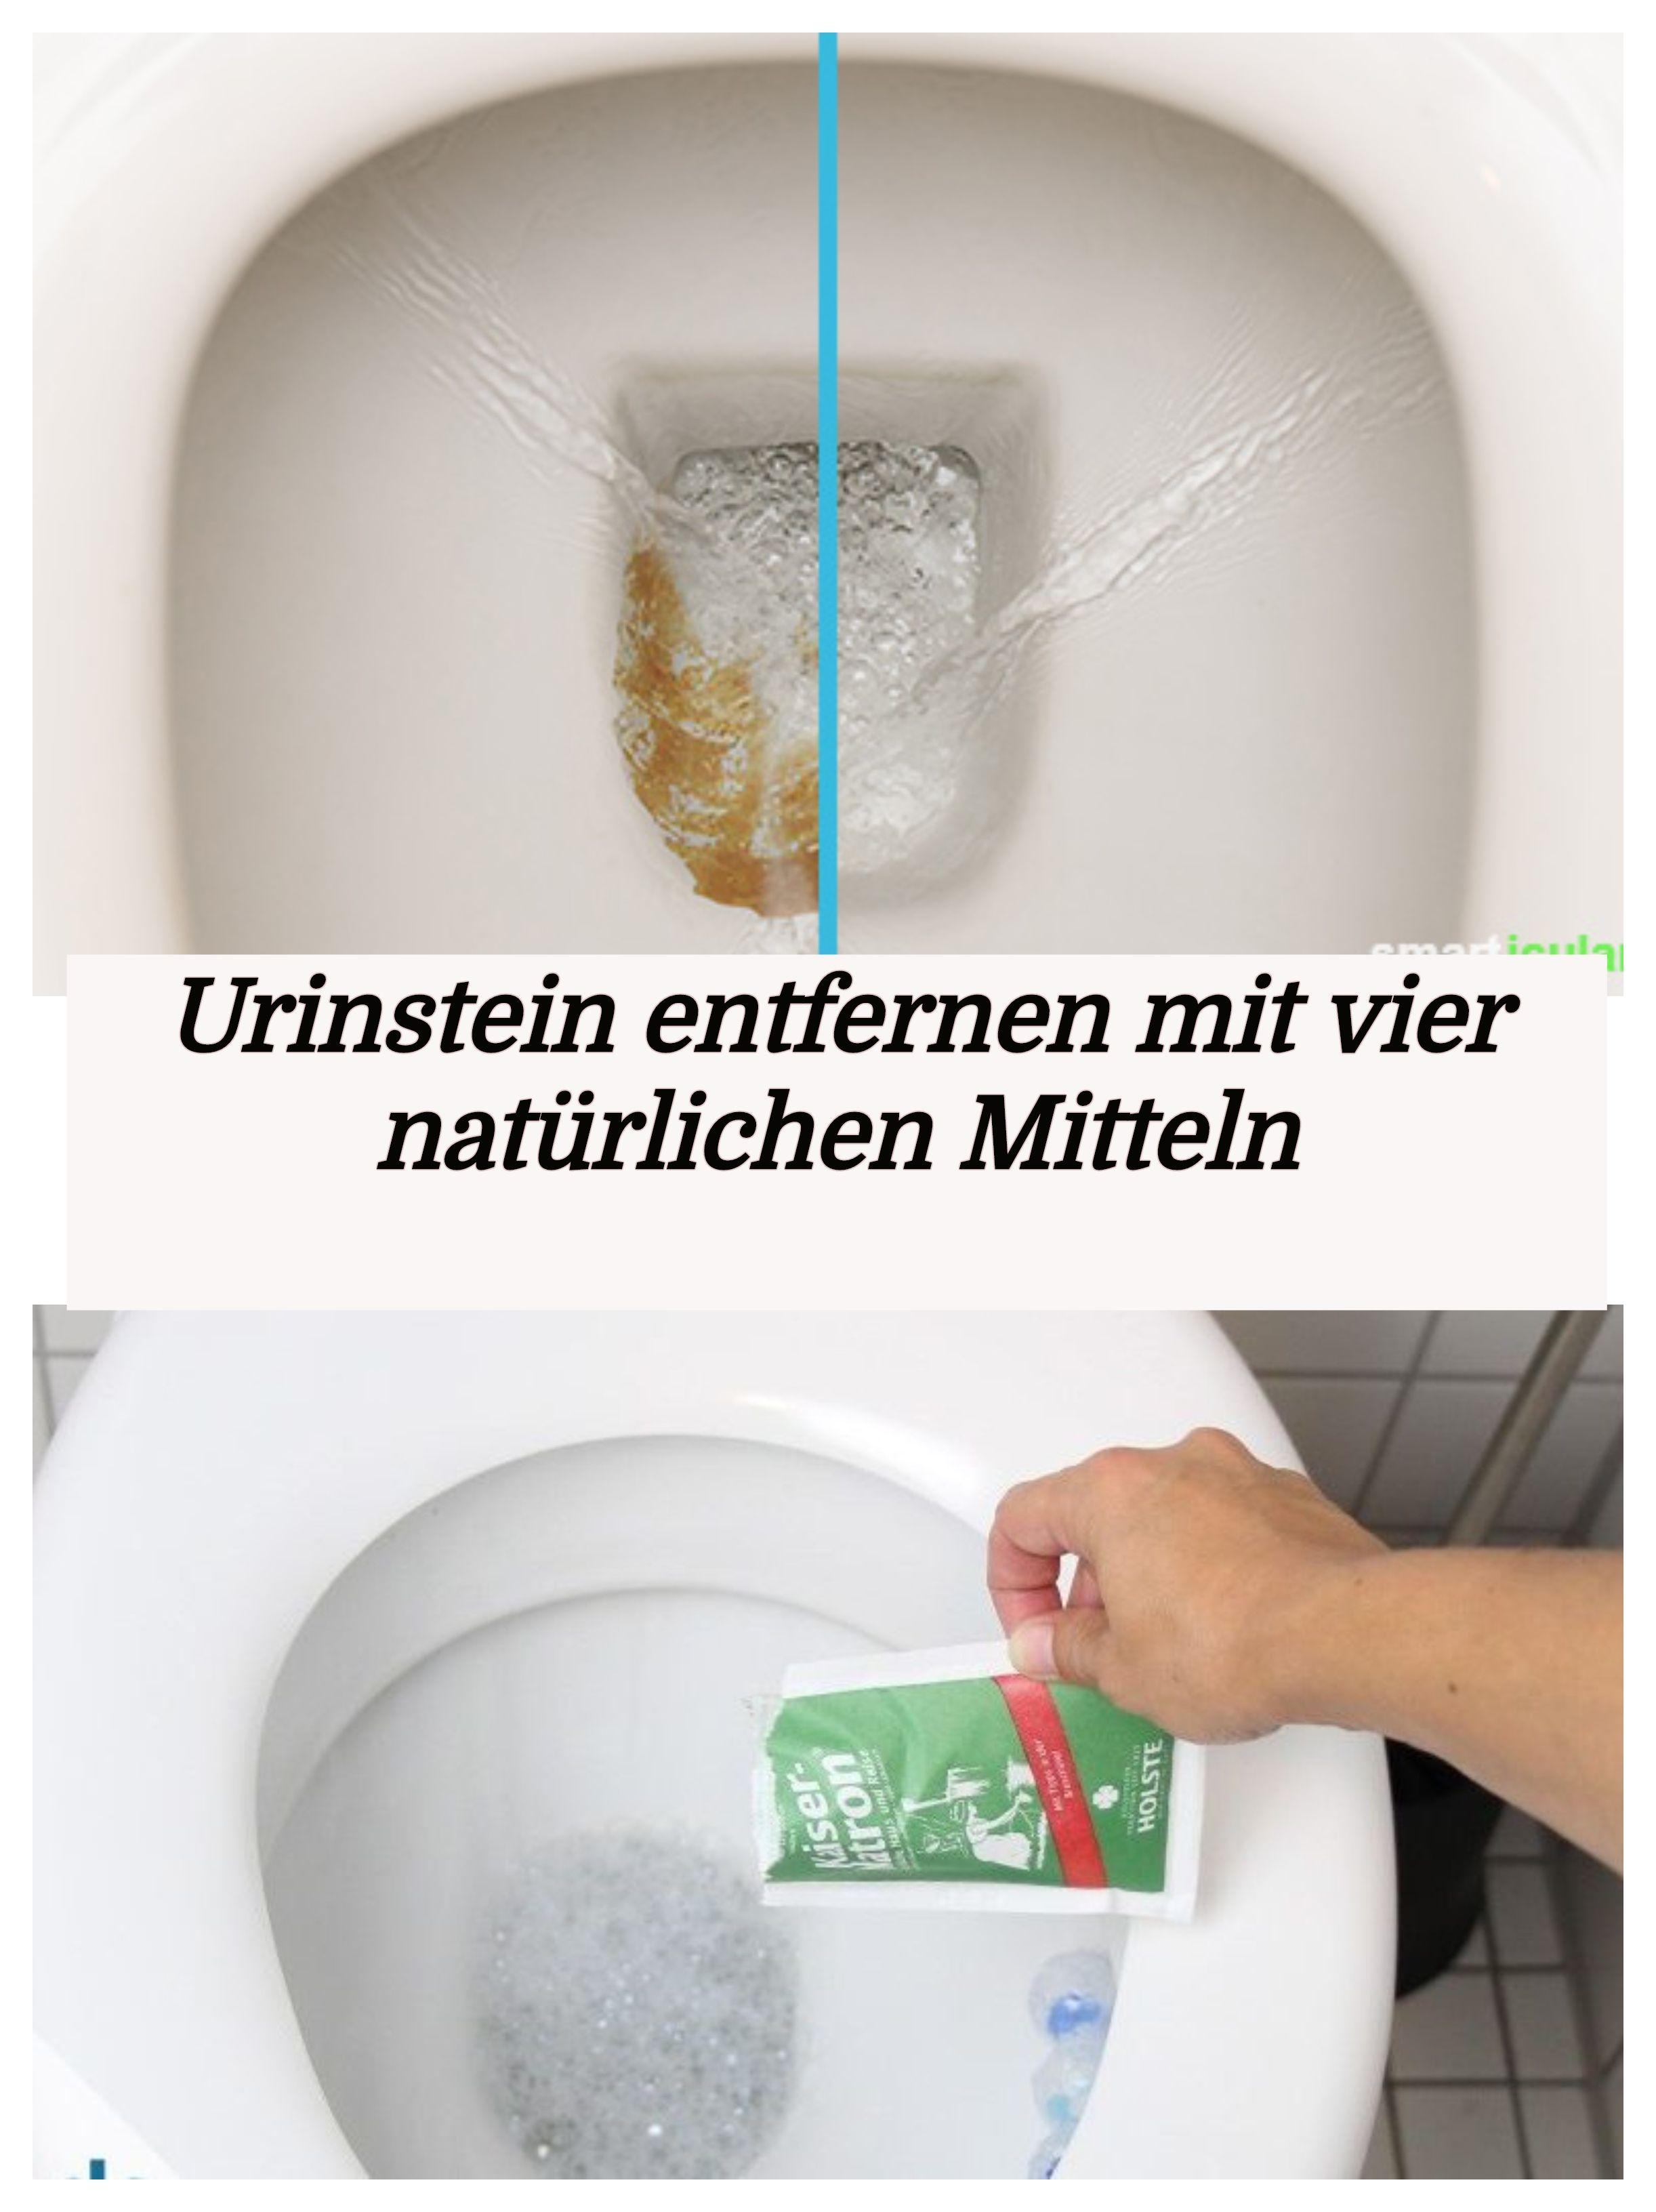 Urinstein Entfernen Mit Vier Naturlichen Mitteln Naturliche